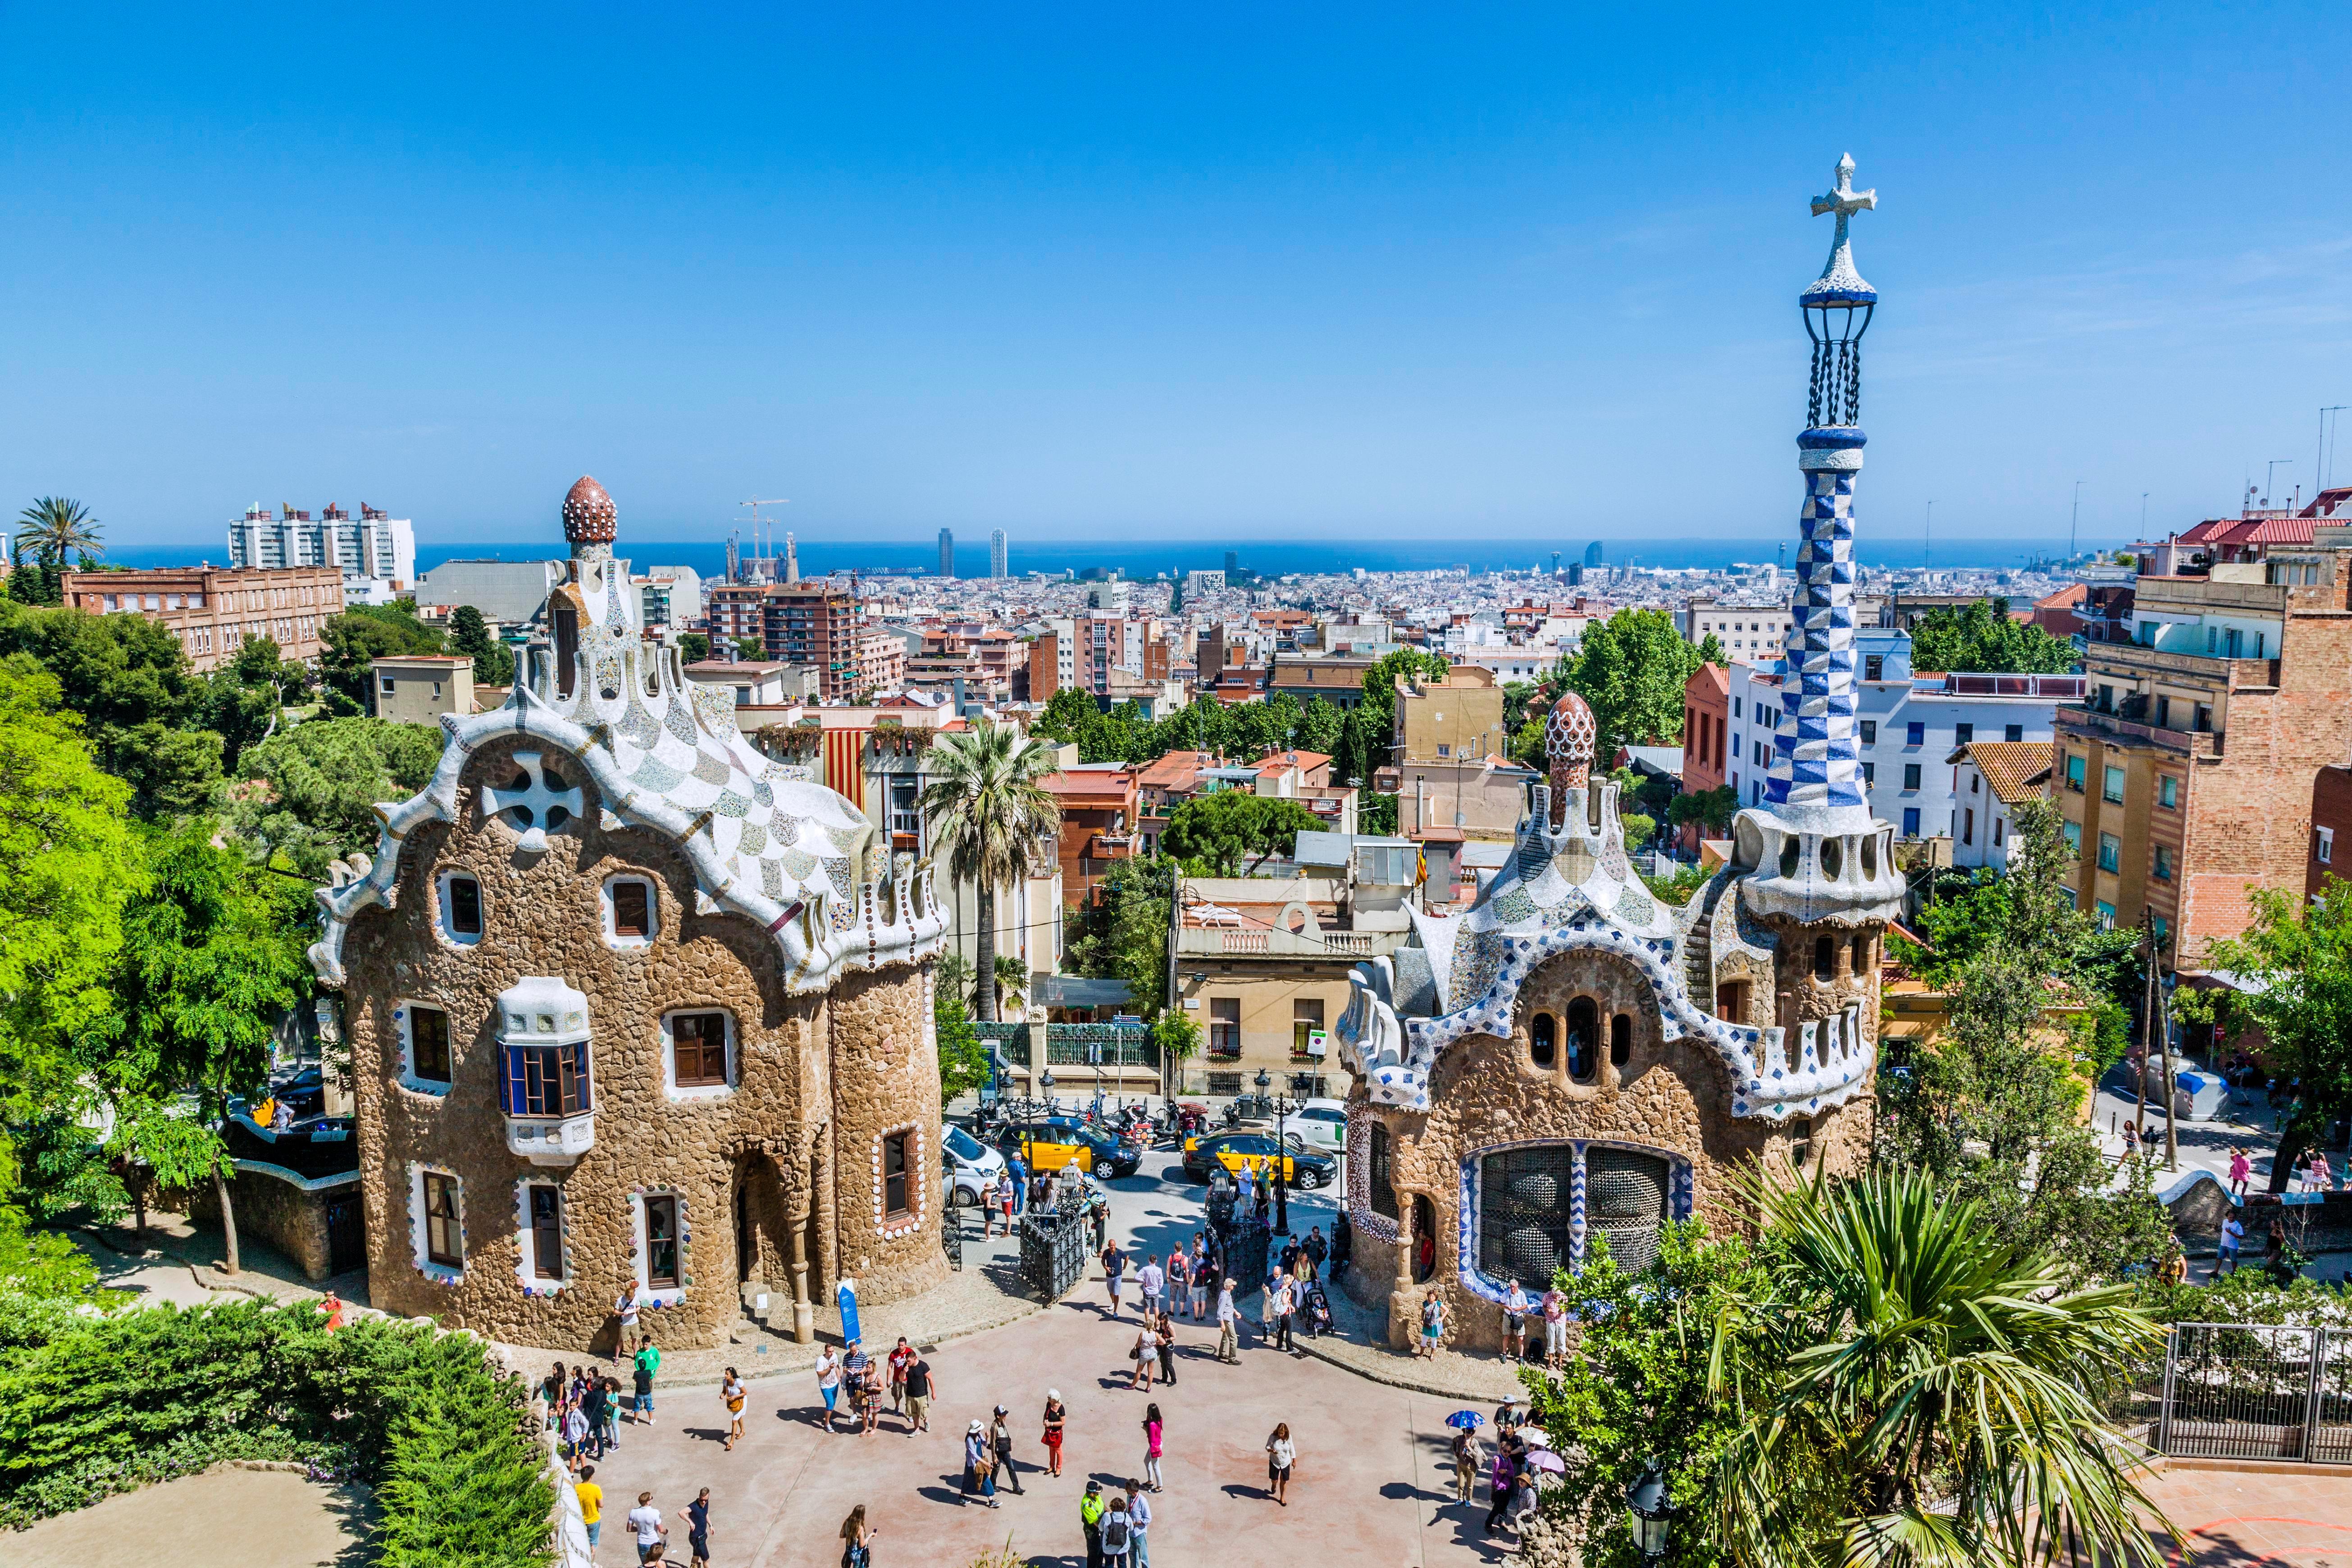 костолевский барселона город в испании достопримечательности фото с описанием горах кия